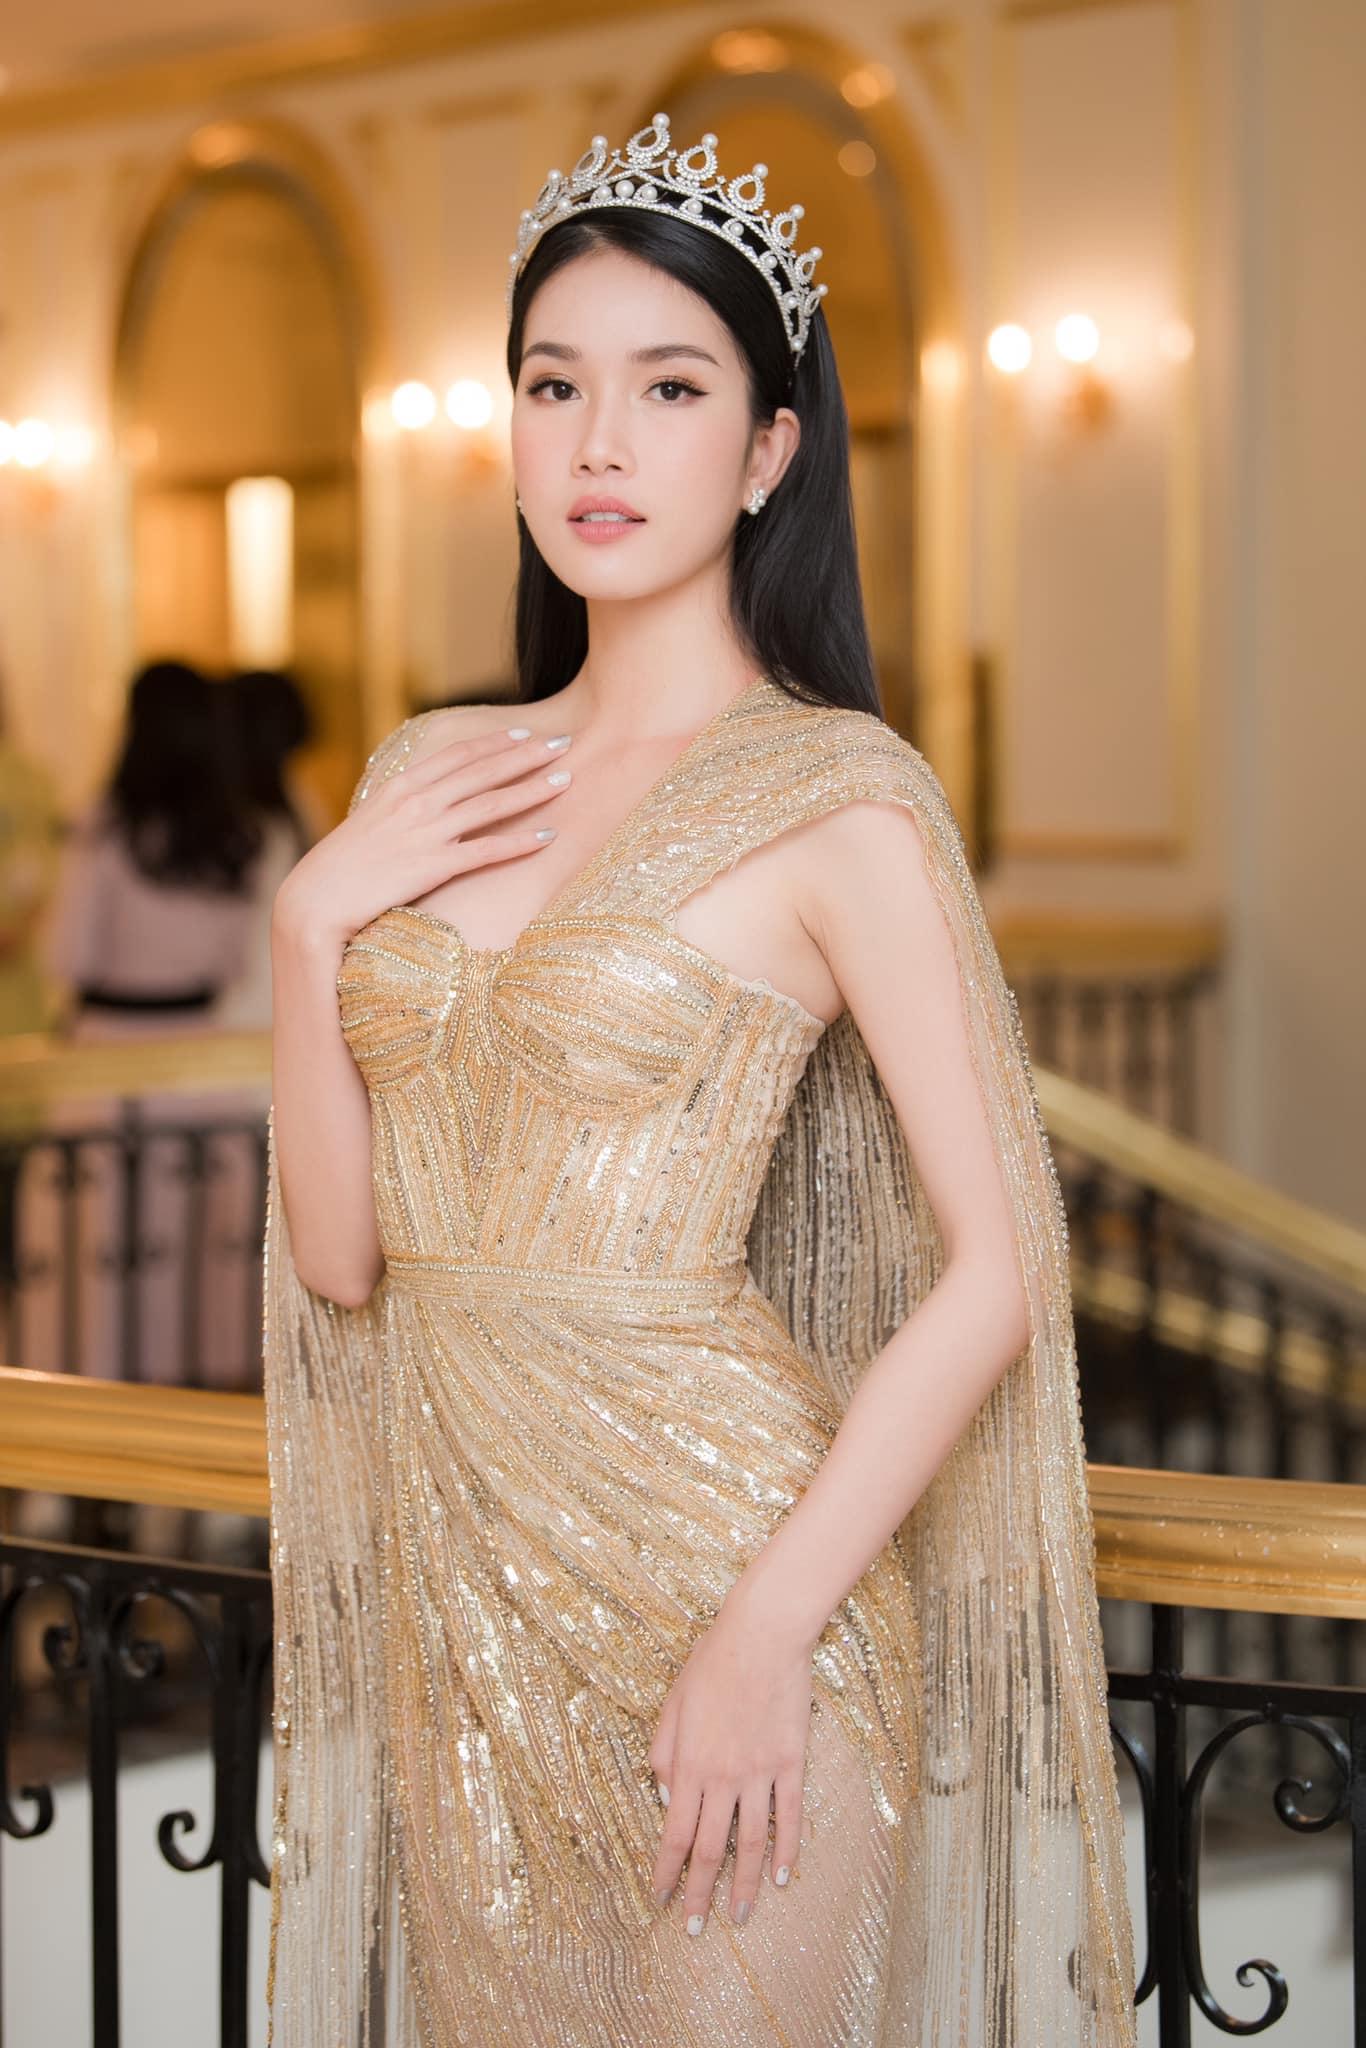 Ngay từ thời điểm lên ngôi Á hậu 1 tại Hoa hậu Việt Nam 2020, Phạm Ngọc Phương Anh đã được đánh là mảnh ghép hoàn hảo cho cuộc thi Miss International 2021. Cô sở hữu vẻ đẹp trong sáng, thanh lịch, đúng với tiêu chí mà cuộc thi này hướng đến.